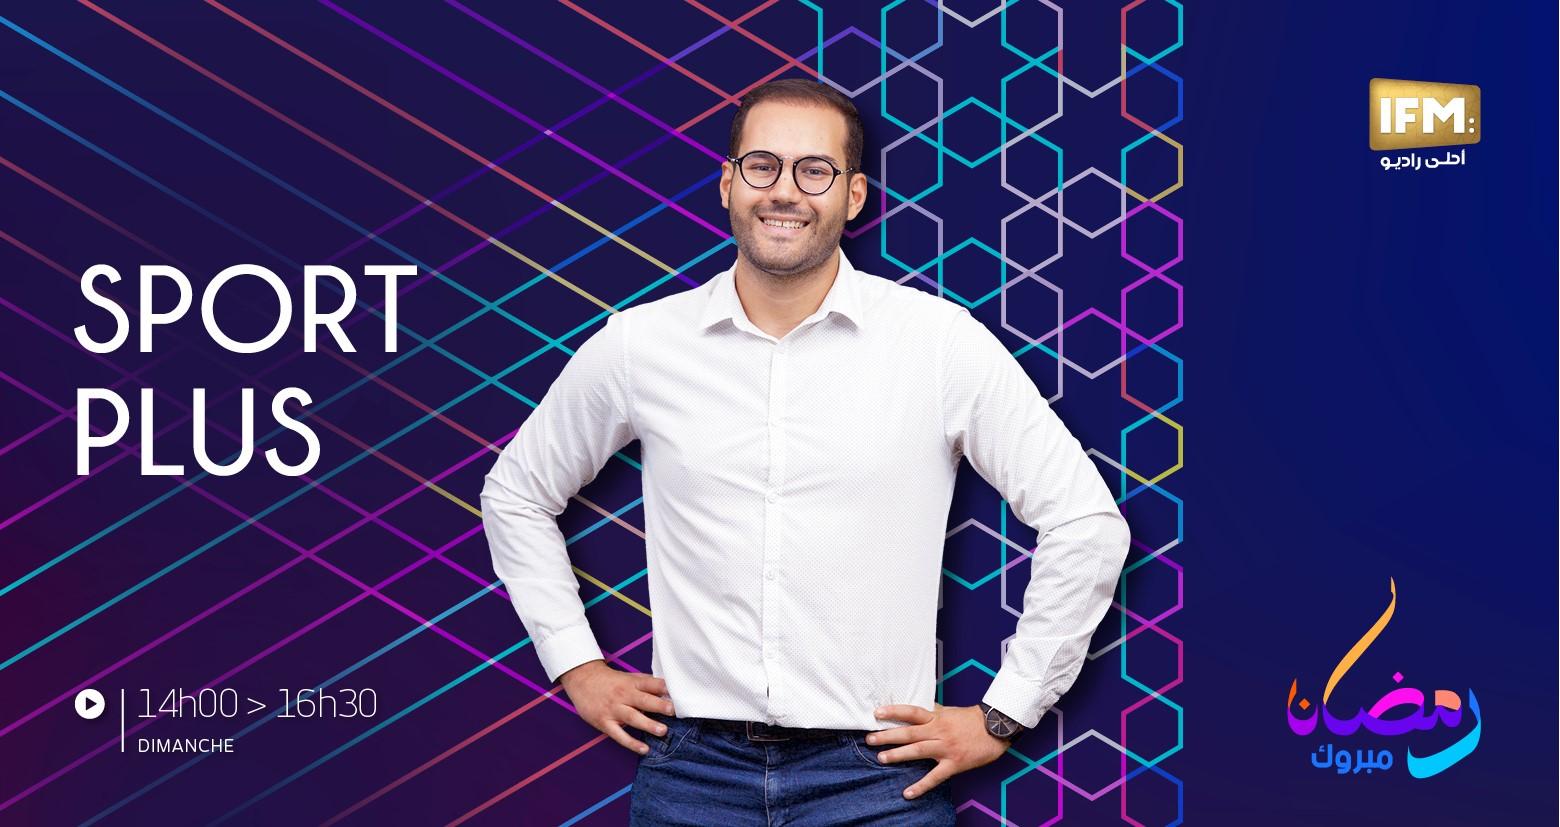 عبد السلام السعيداني : سمير سعقوب وراء ما يحدث في النادي البنزرتي و فما طرف من النهضة يسعى لتحطيمي سبورت +